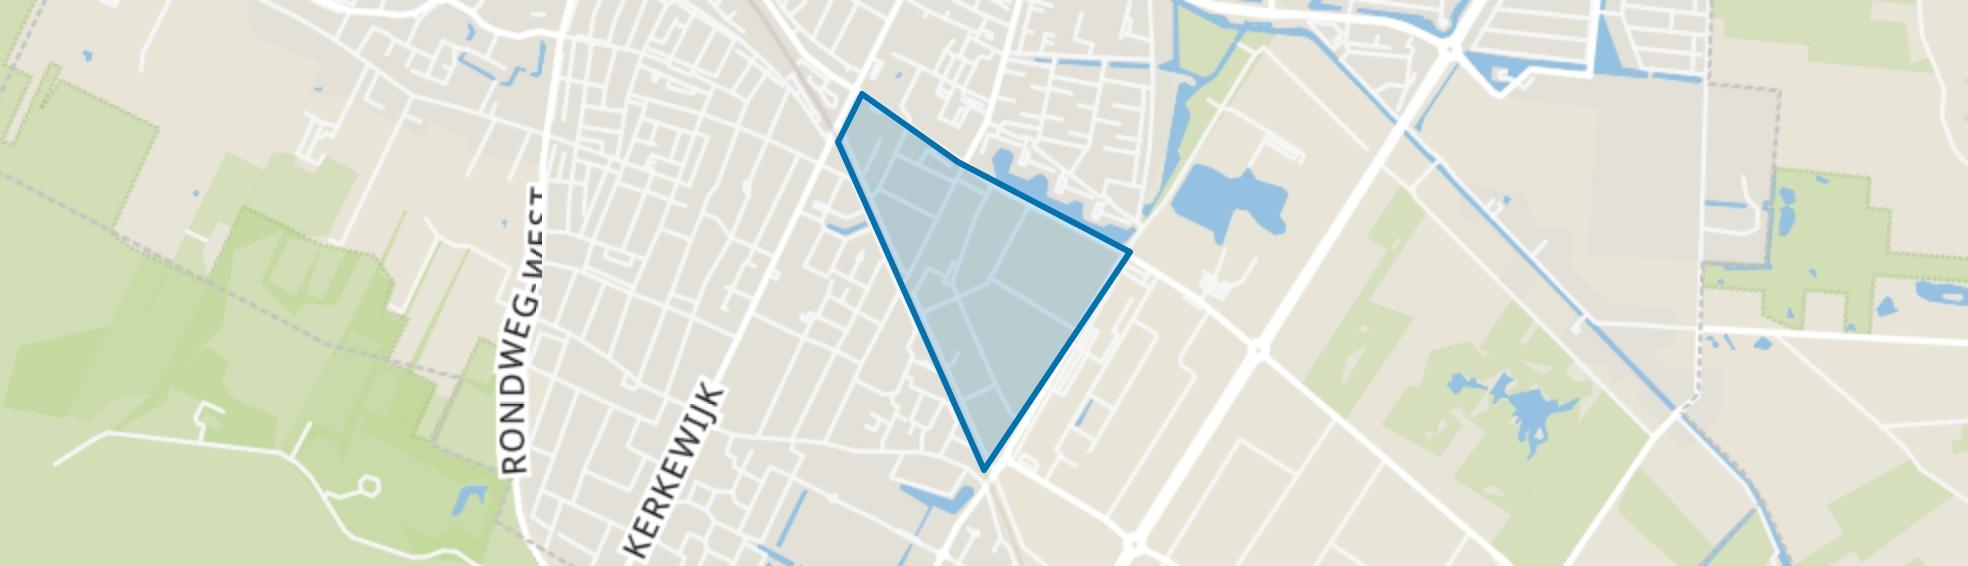 Het Ambacht, Veenendaal map